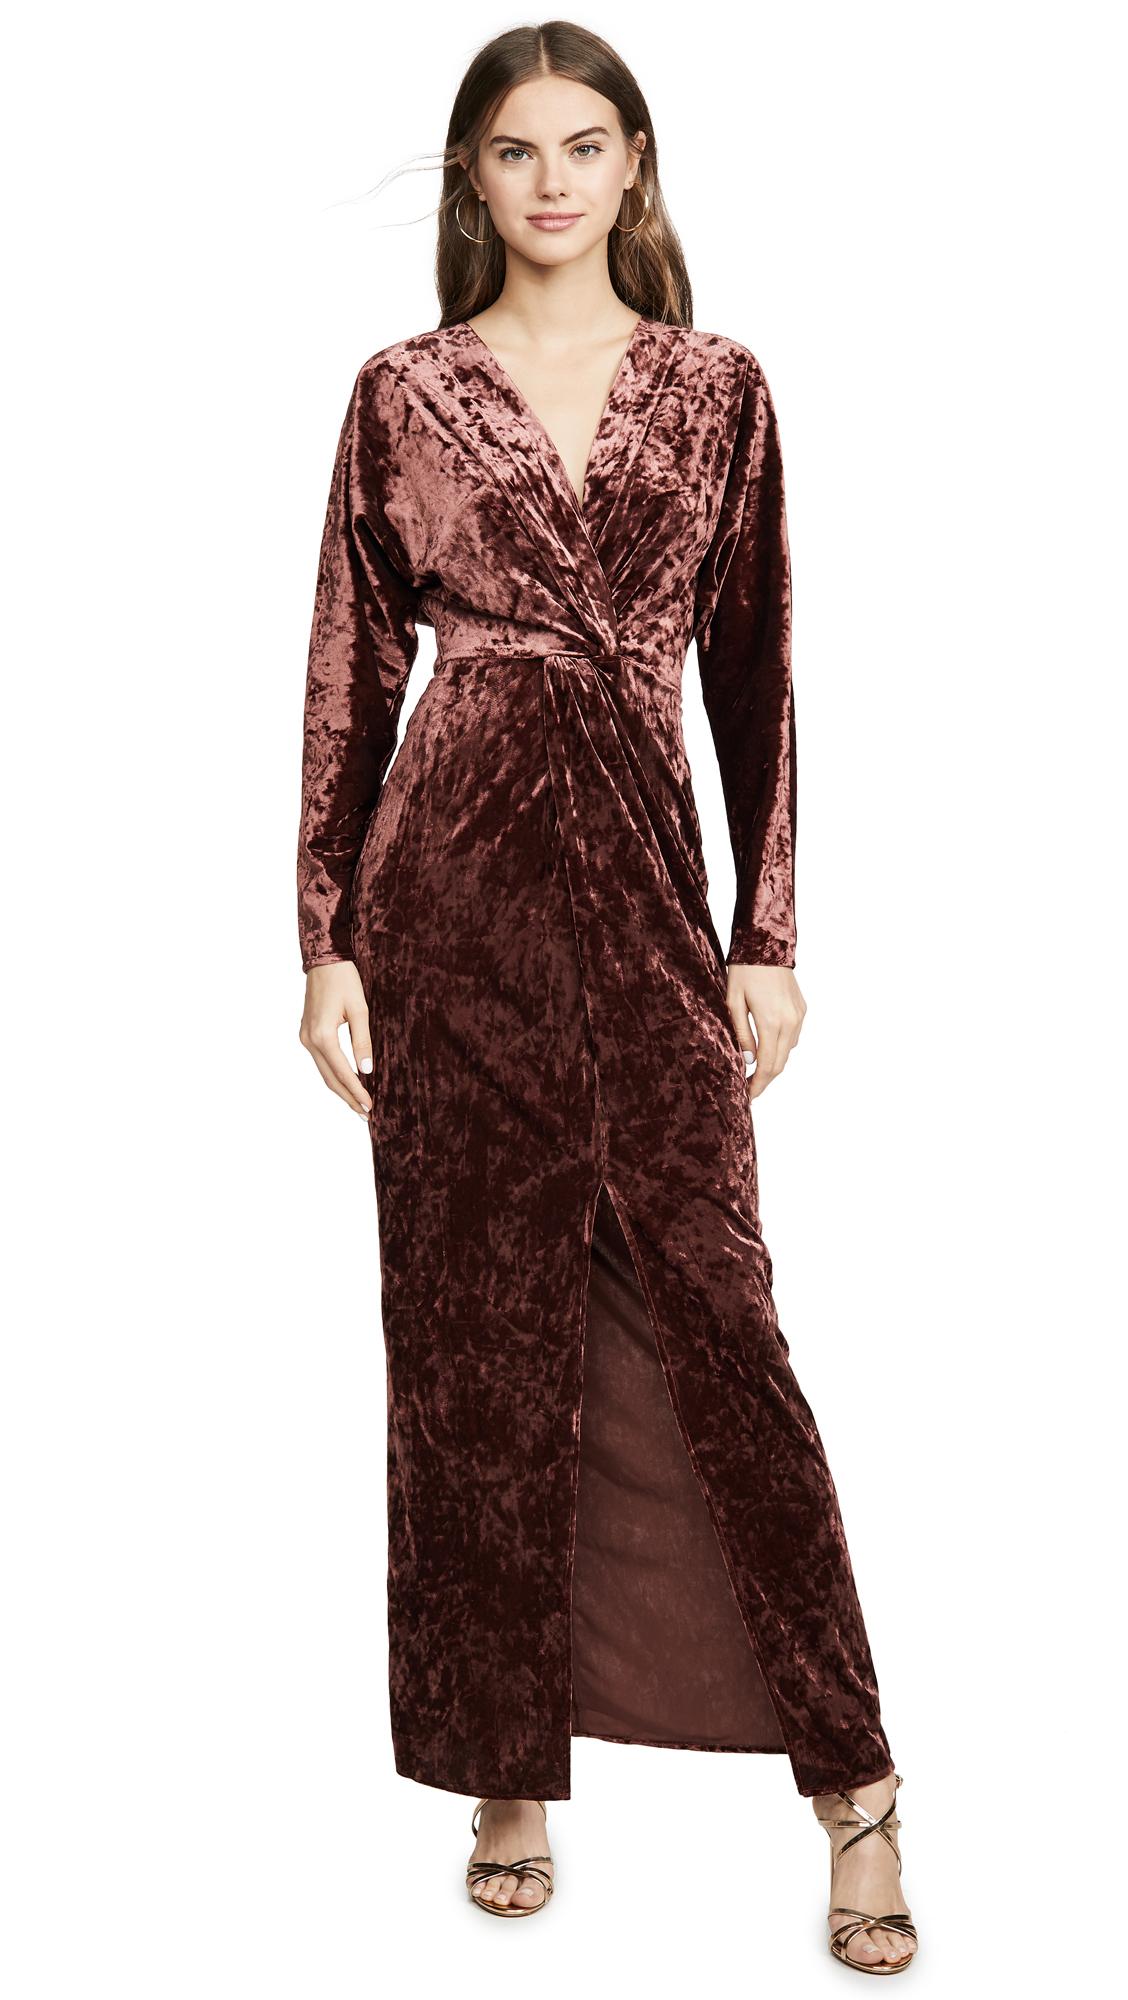 WAYF Roslyn Twist Front Midi Dress - 30% Off Sale